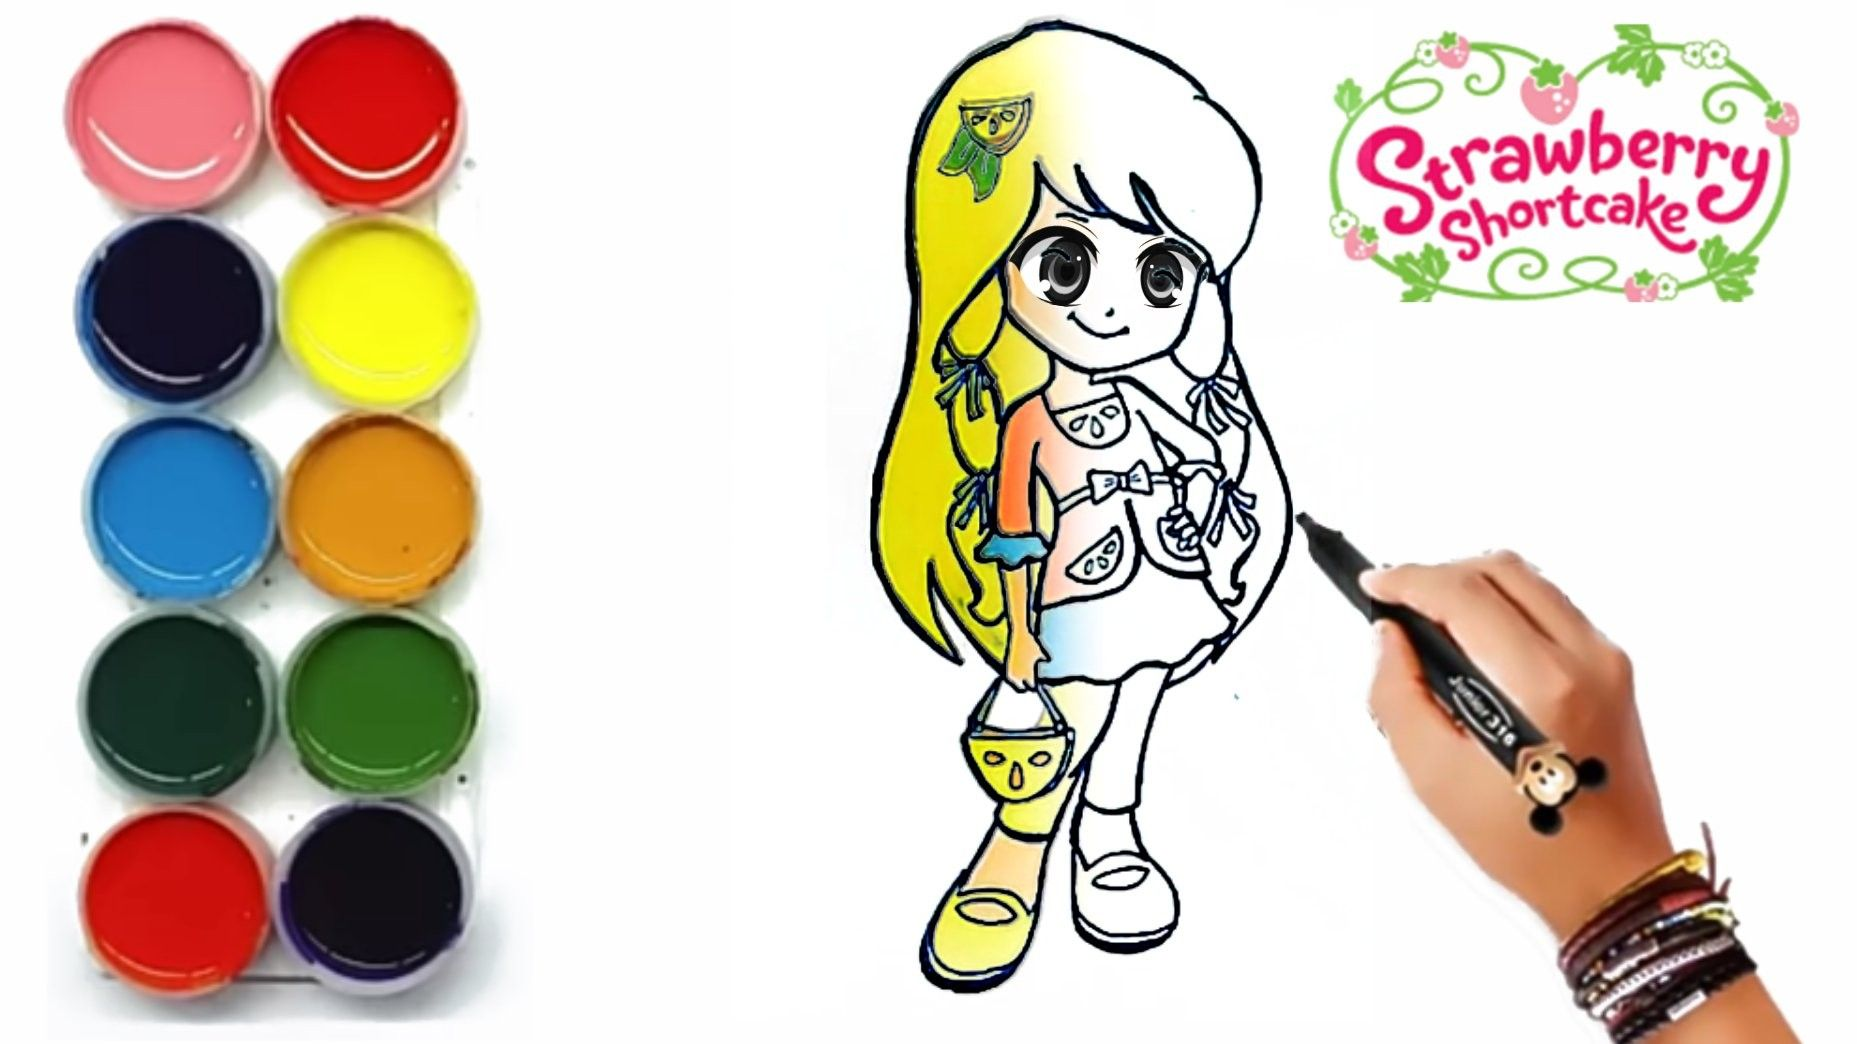 Menggambar Dan Mewarnai Putri Strawberry Shortcake Gambar Warna